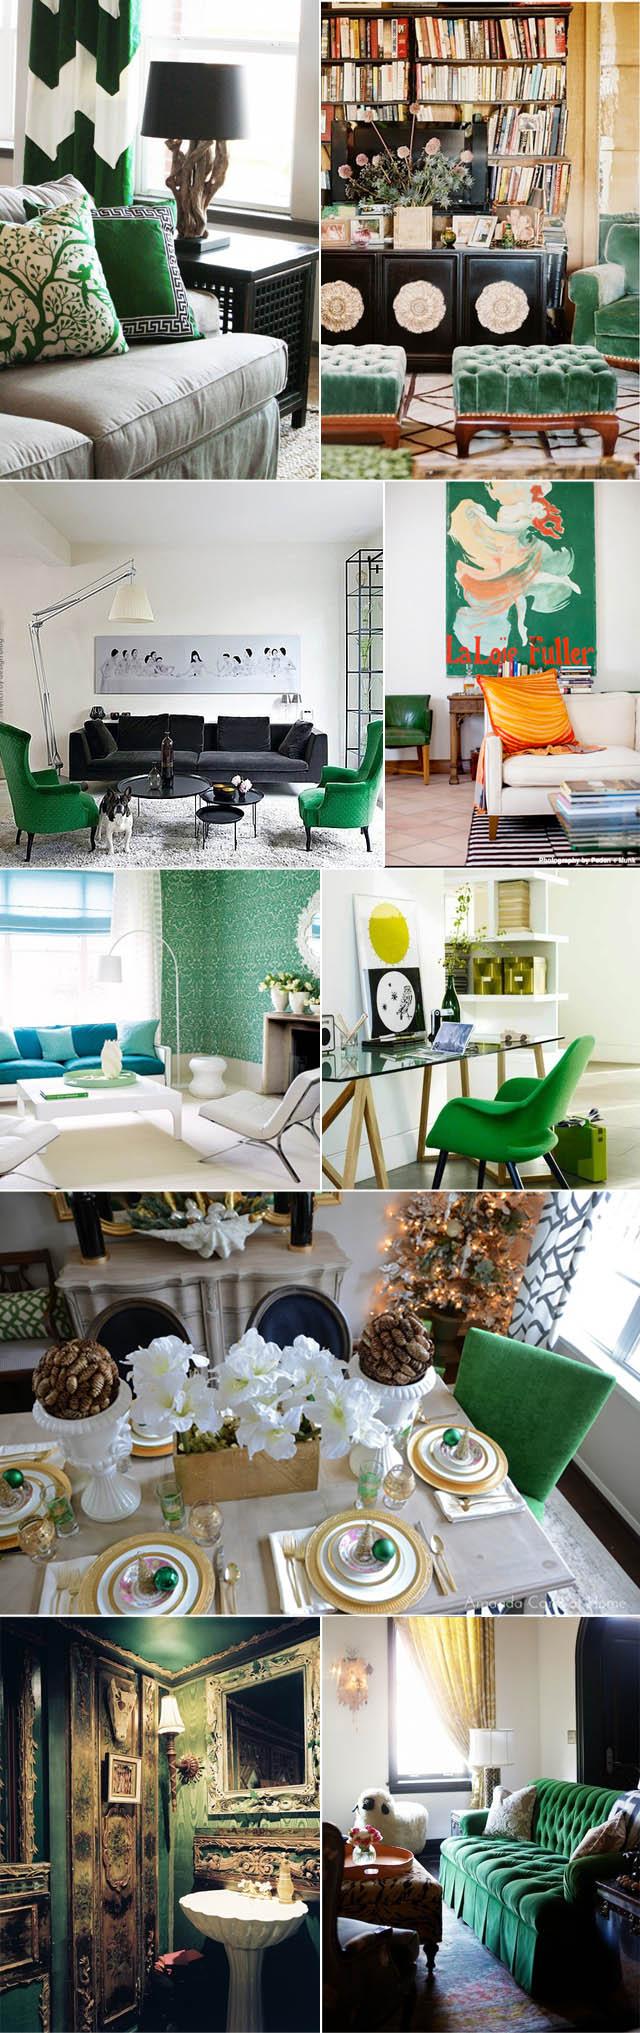 blog-da-alice-ferraz-verde-esmeralda-decoracao (1)